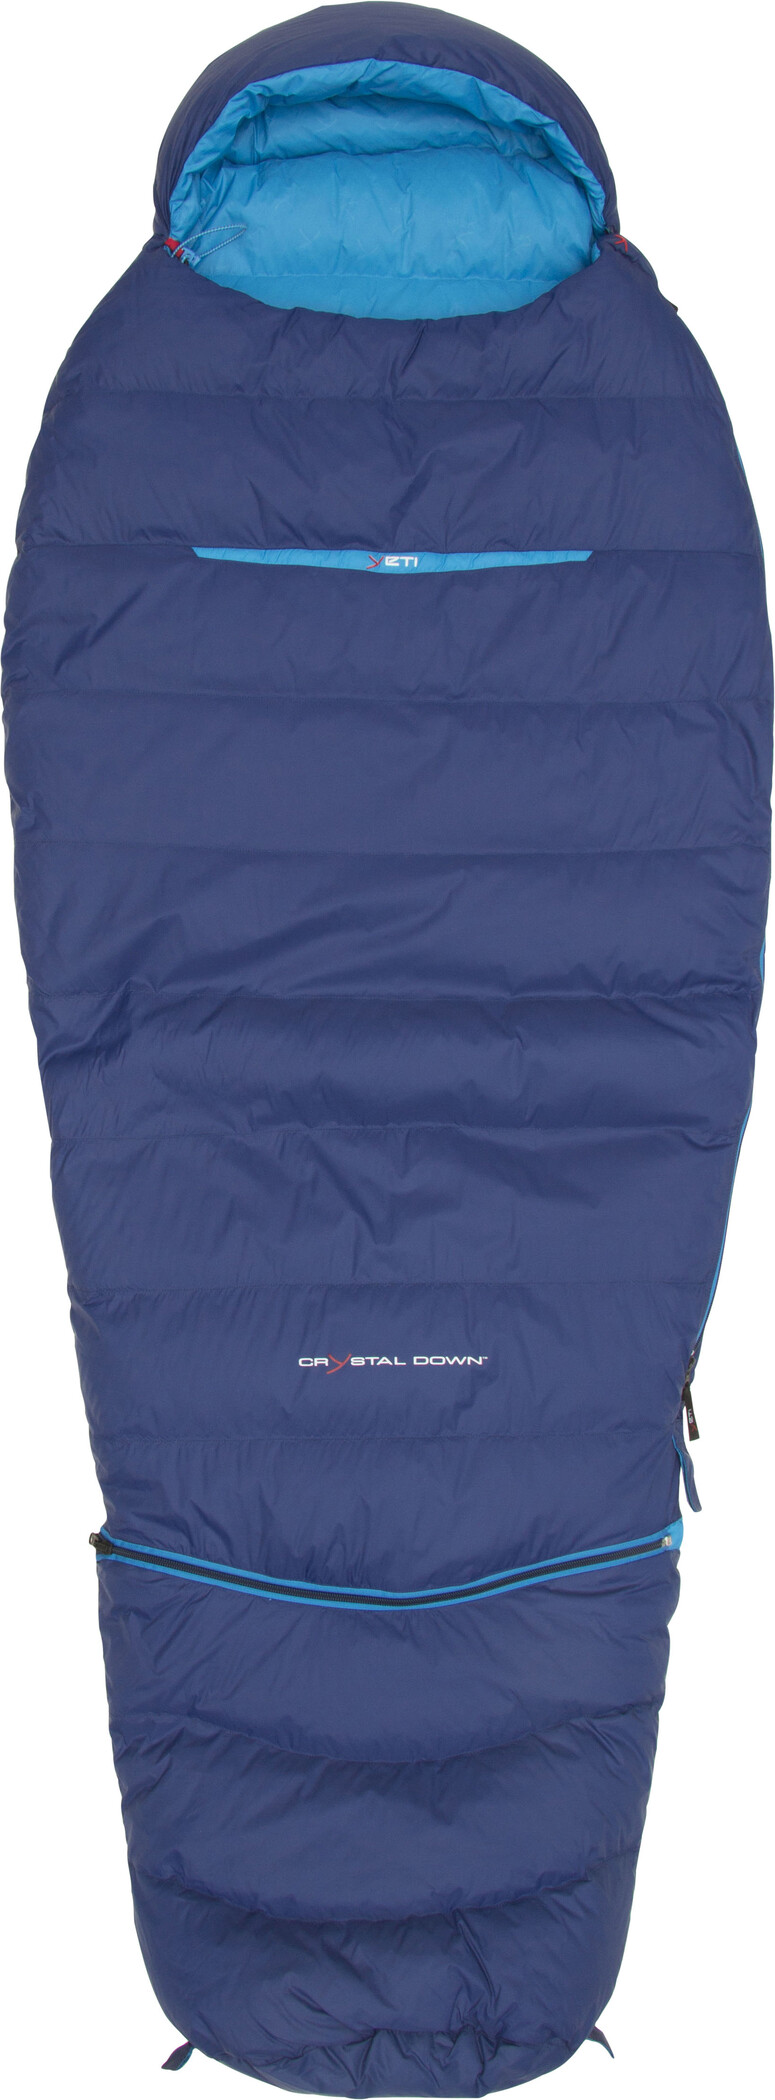 1939aafefc Yeti Tension Junior Sleeping Bag 130-160 royal blue methyl blue.jpg